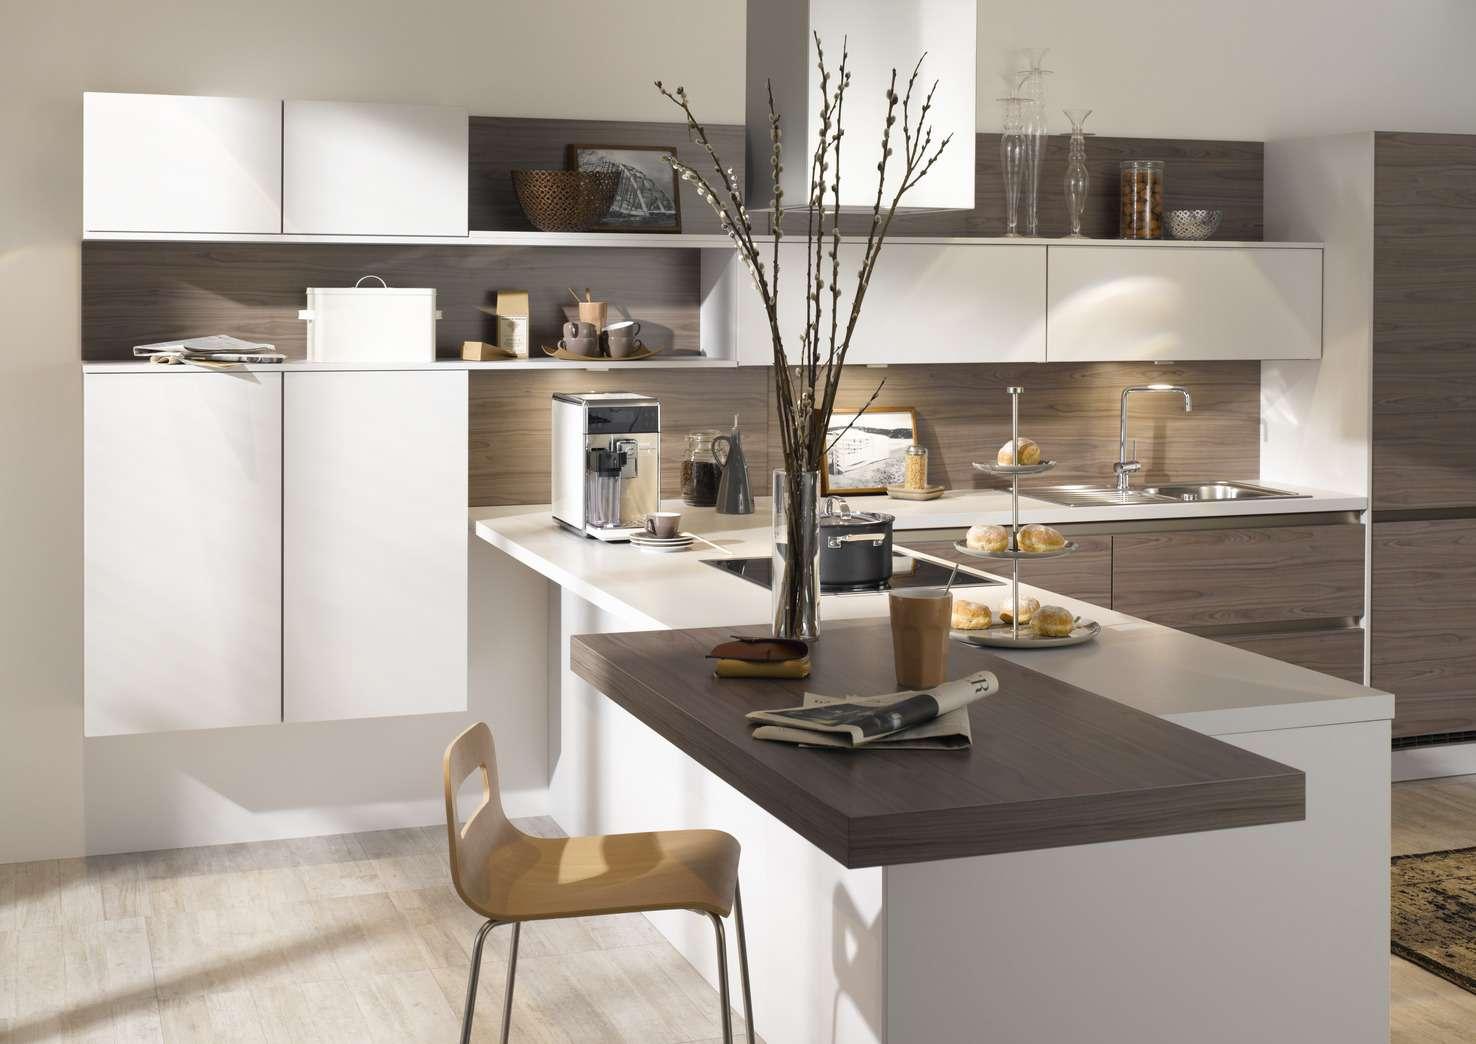 Moderne küche l form  Moderne Küche in L-Form mit Theke